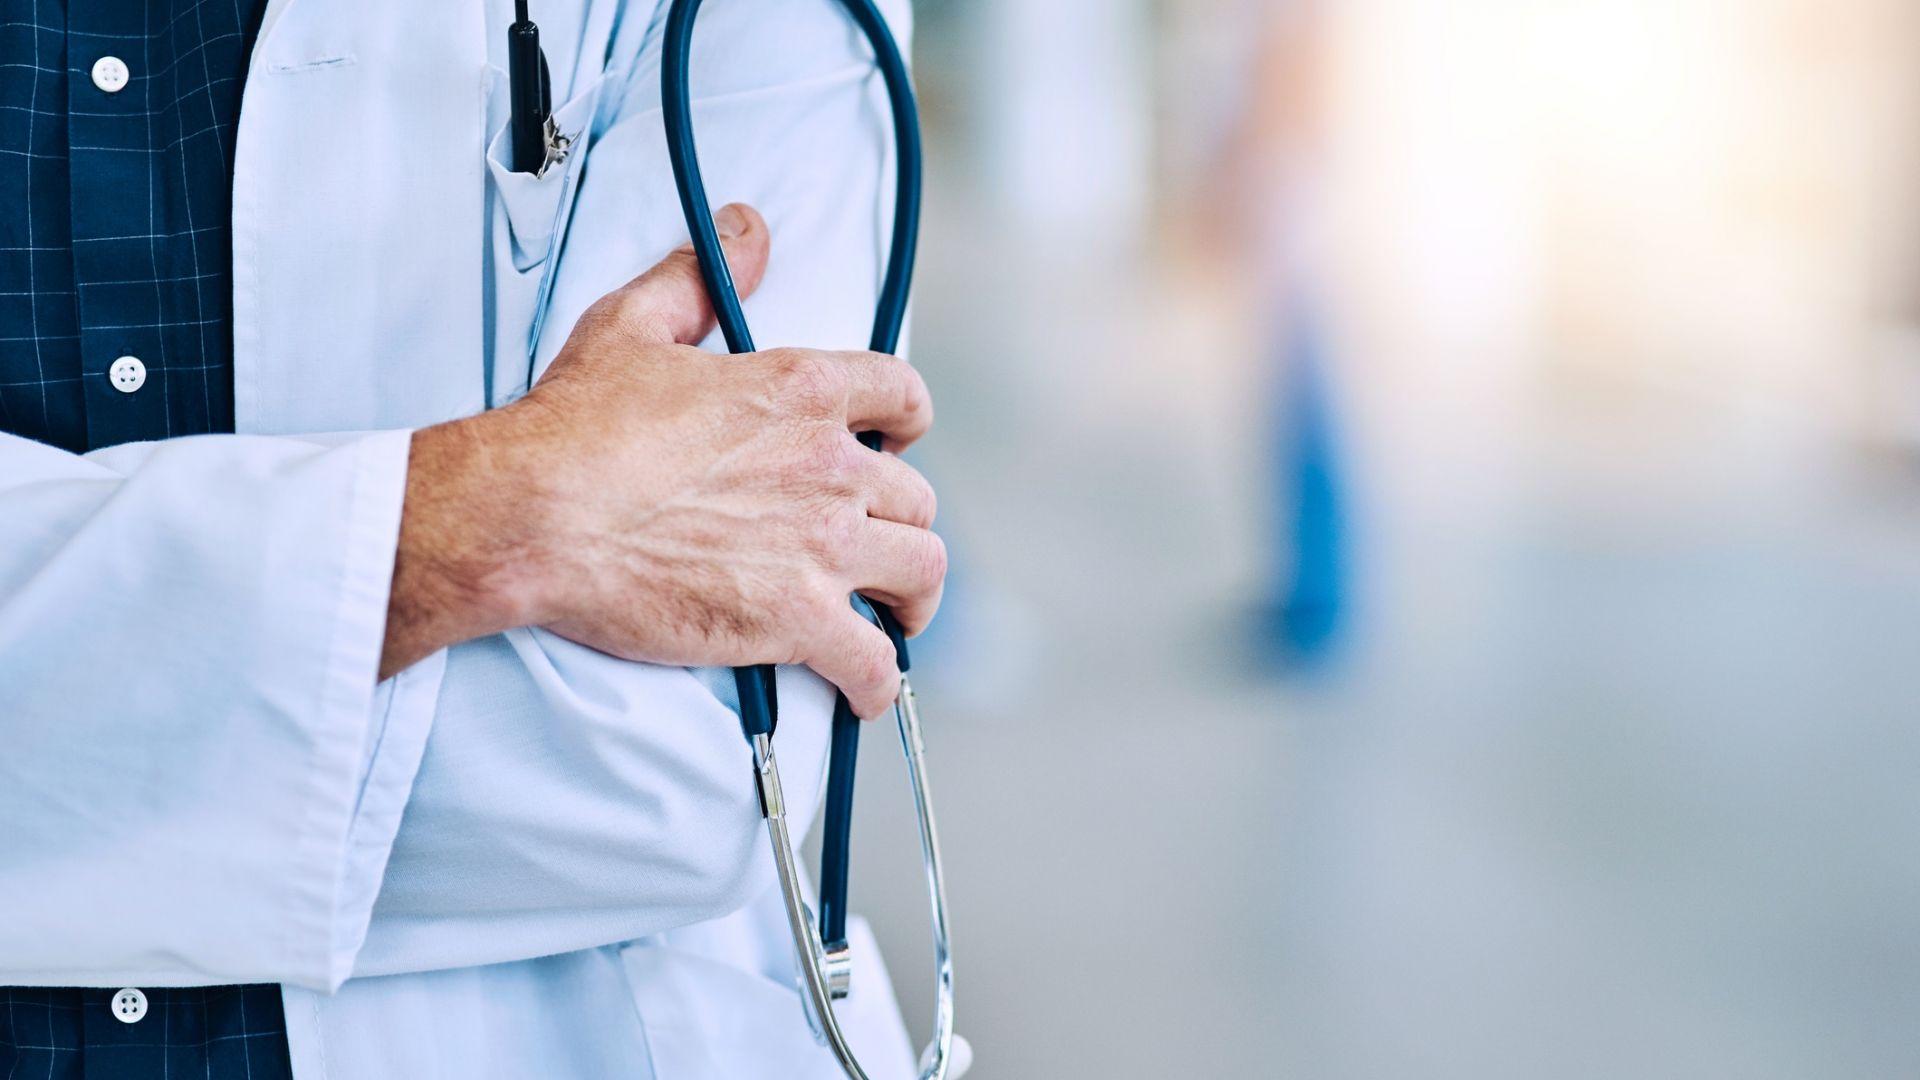 7 души са починали от грип в Гърция само за 10 дни